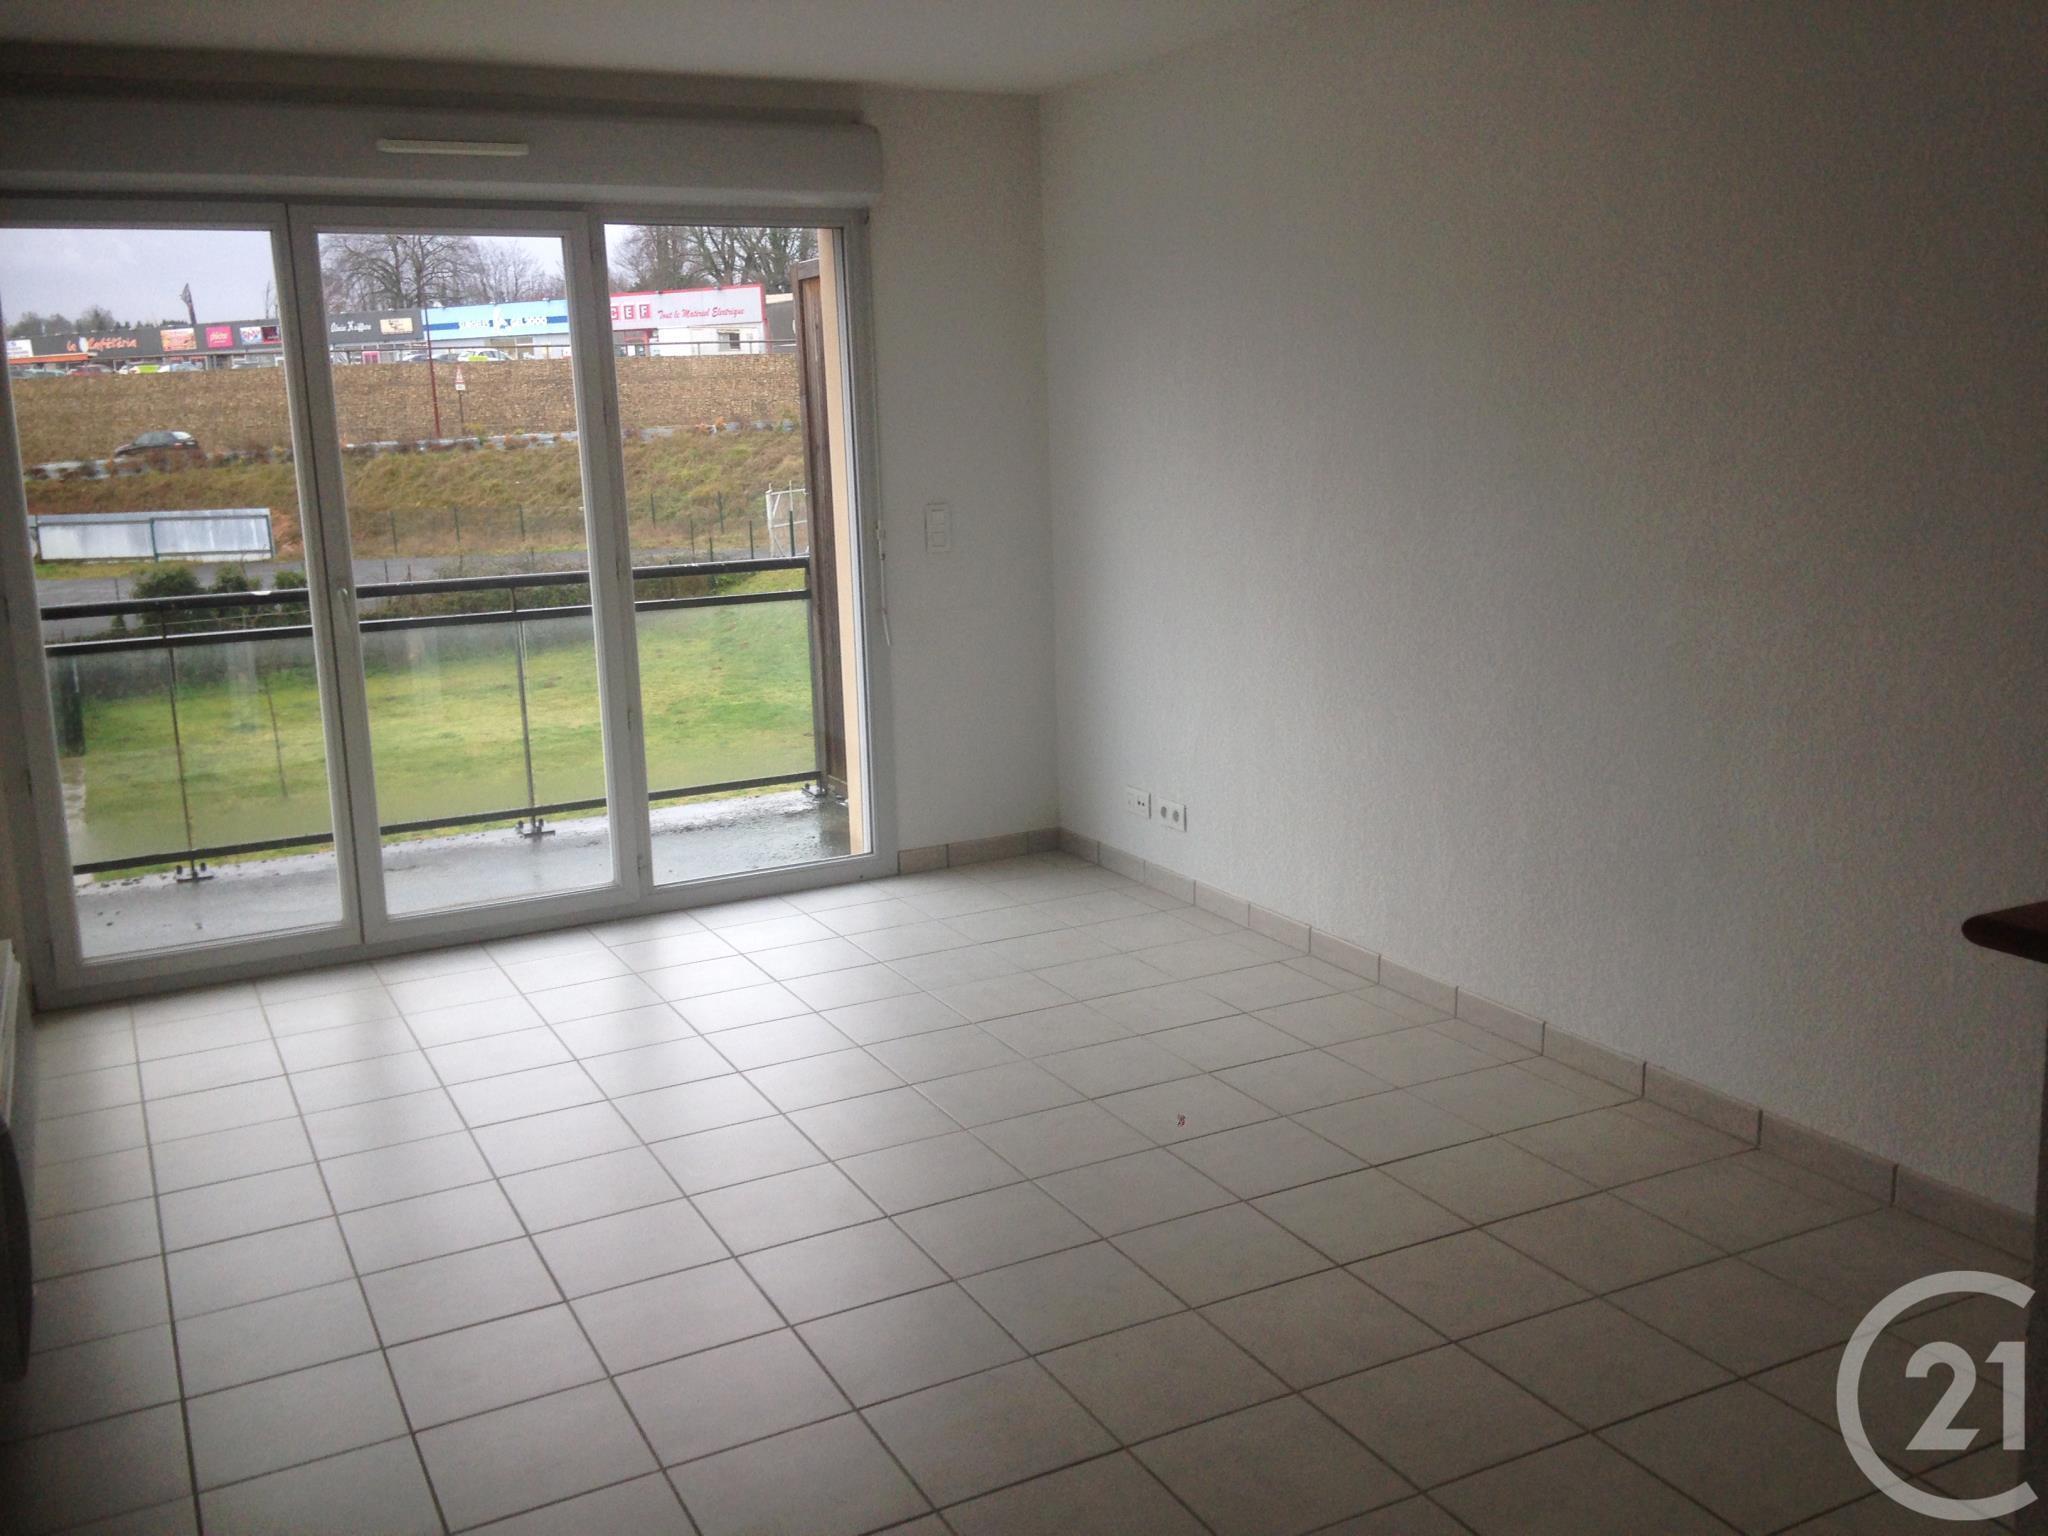 Appartement f2 à louer - 2 pièces - 37 m2 - SARLAT LA CANEDA - 24 - AQUITAINE